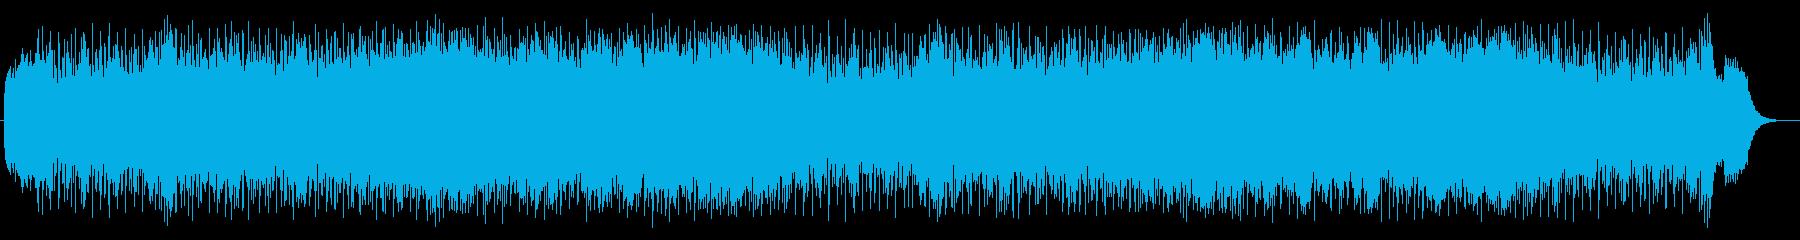 宇宙空間を漂うようなラウンジミュージックの再生済みの波形